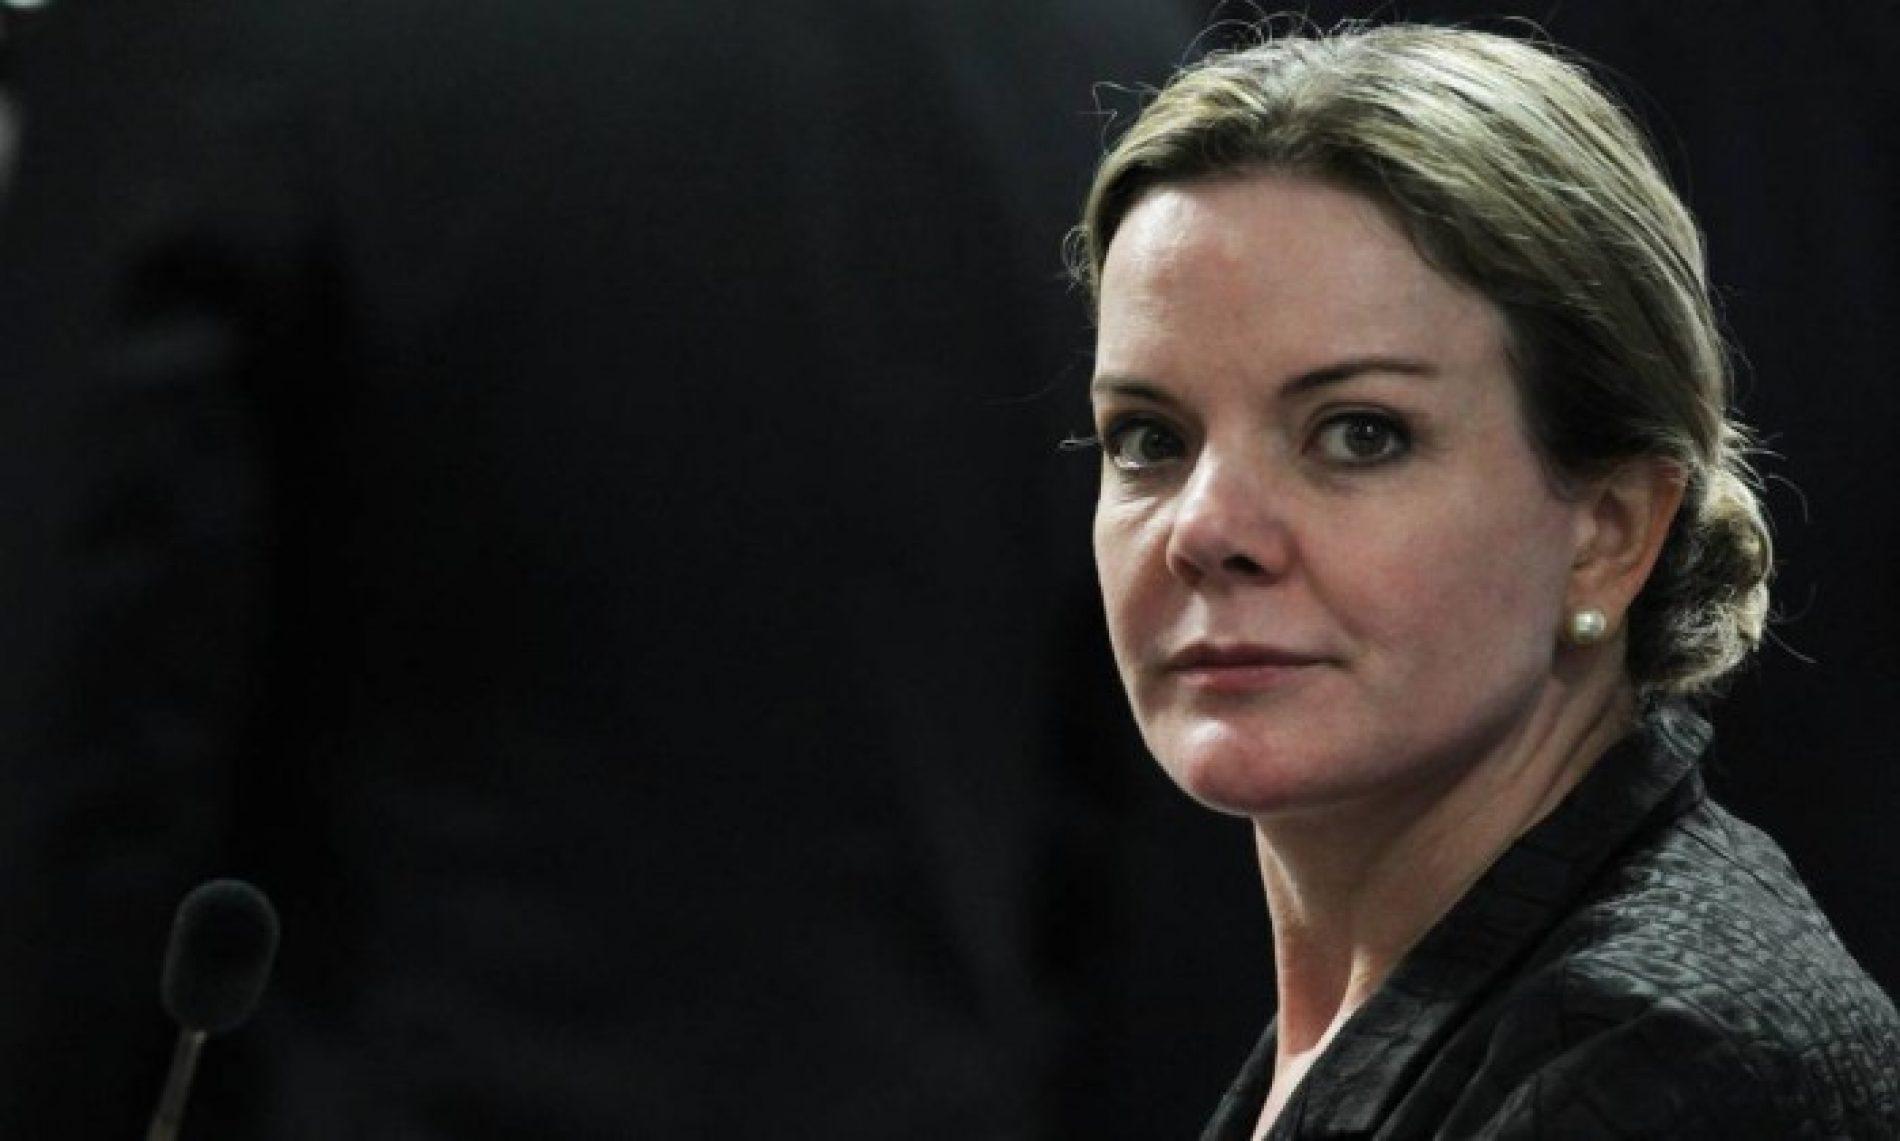 Ministro do STF libera ação penal contra Gleisi para julgamento